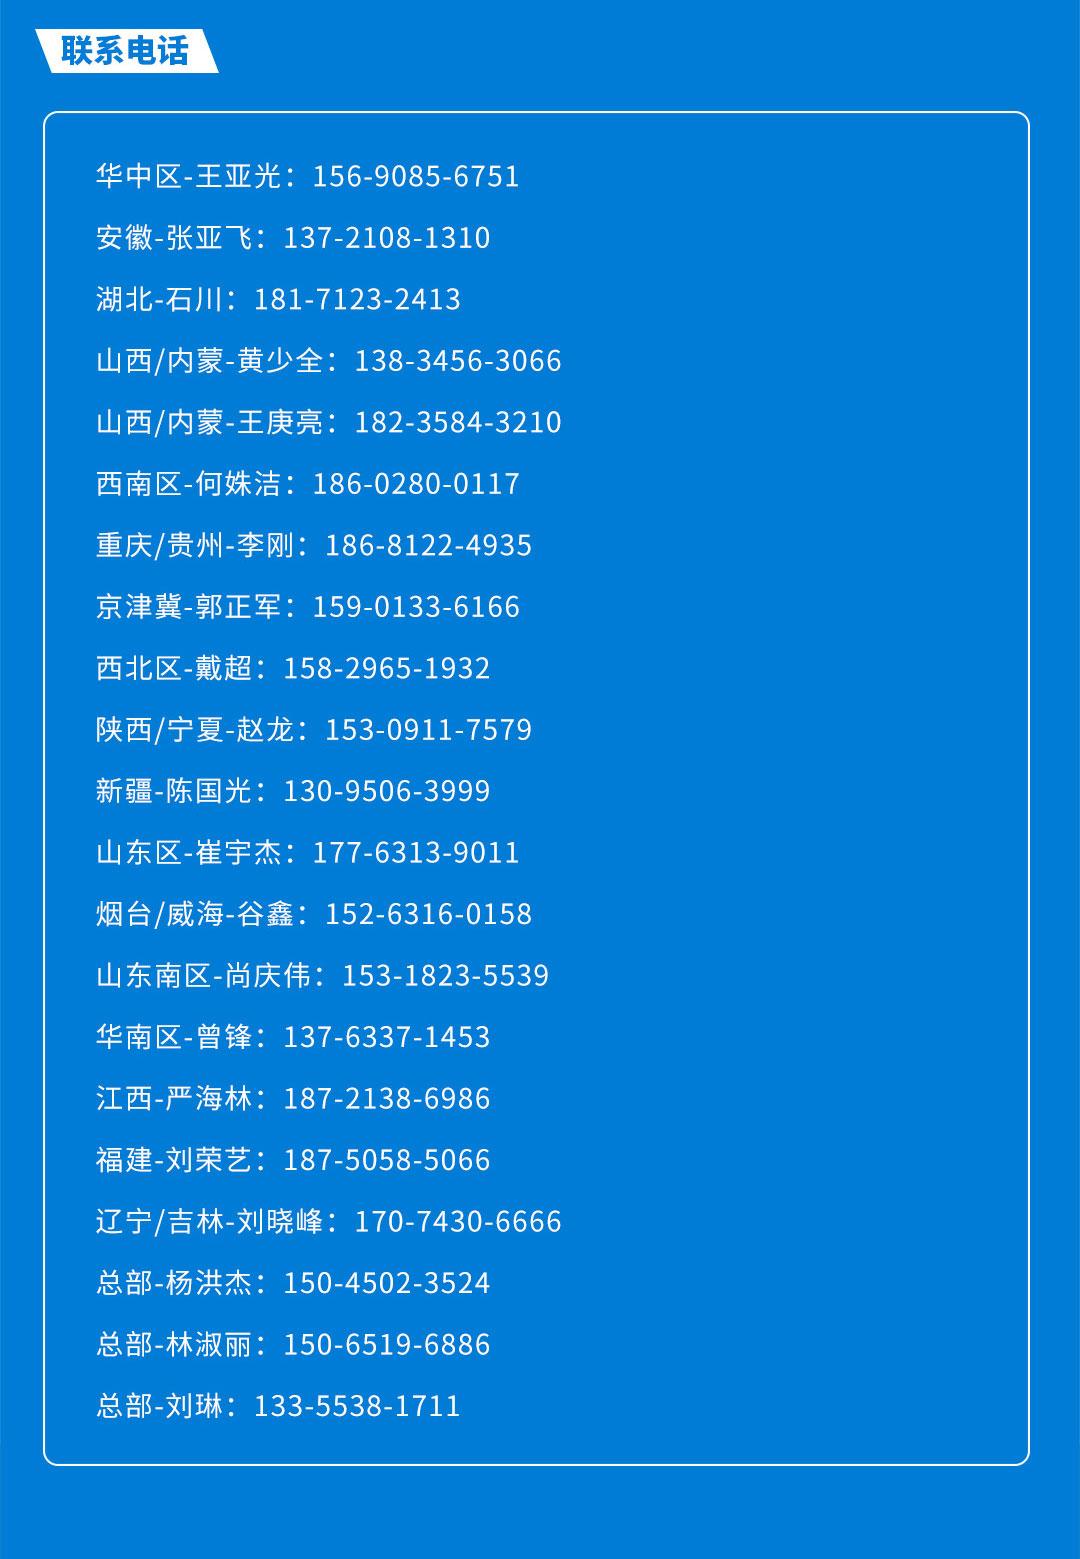 2021工業行手機長圖崔廣_05_02.jpg